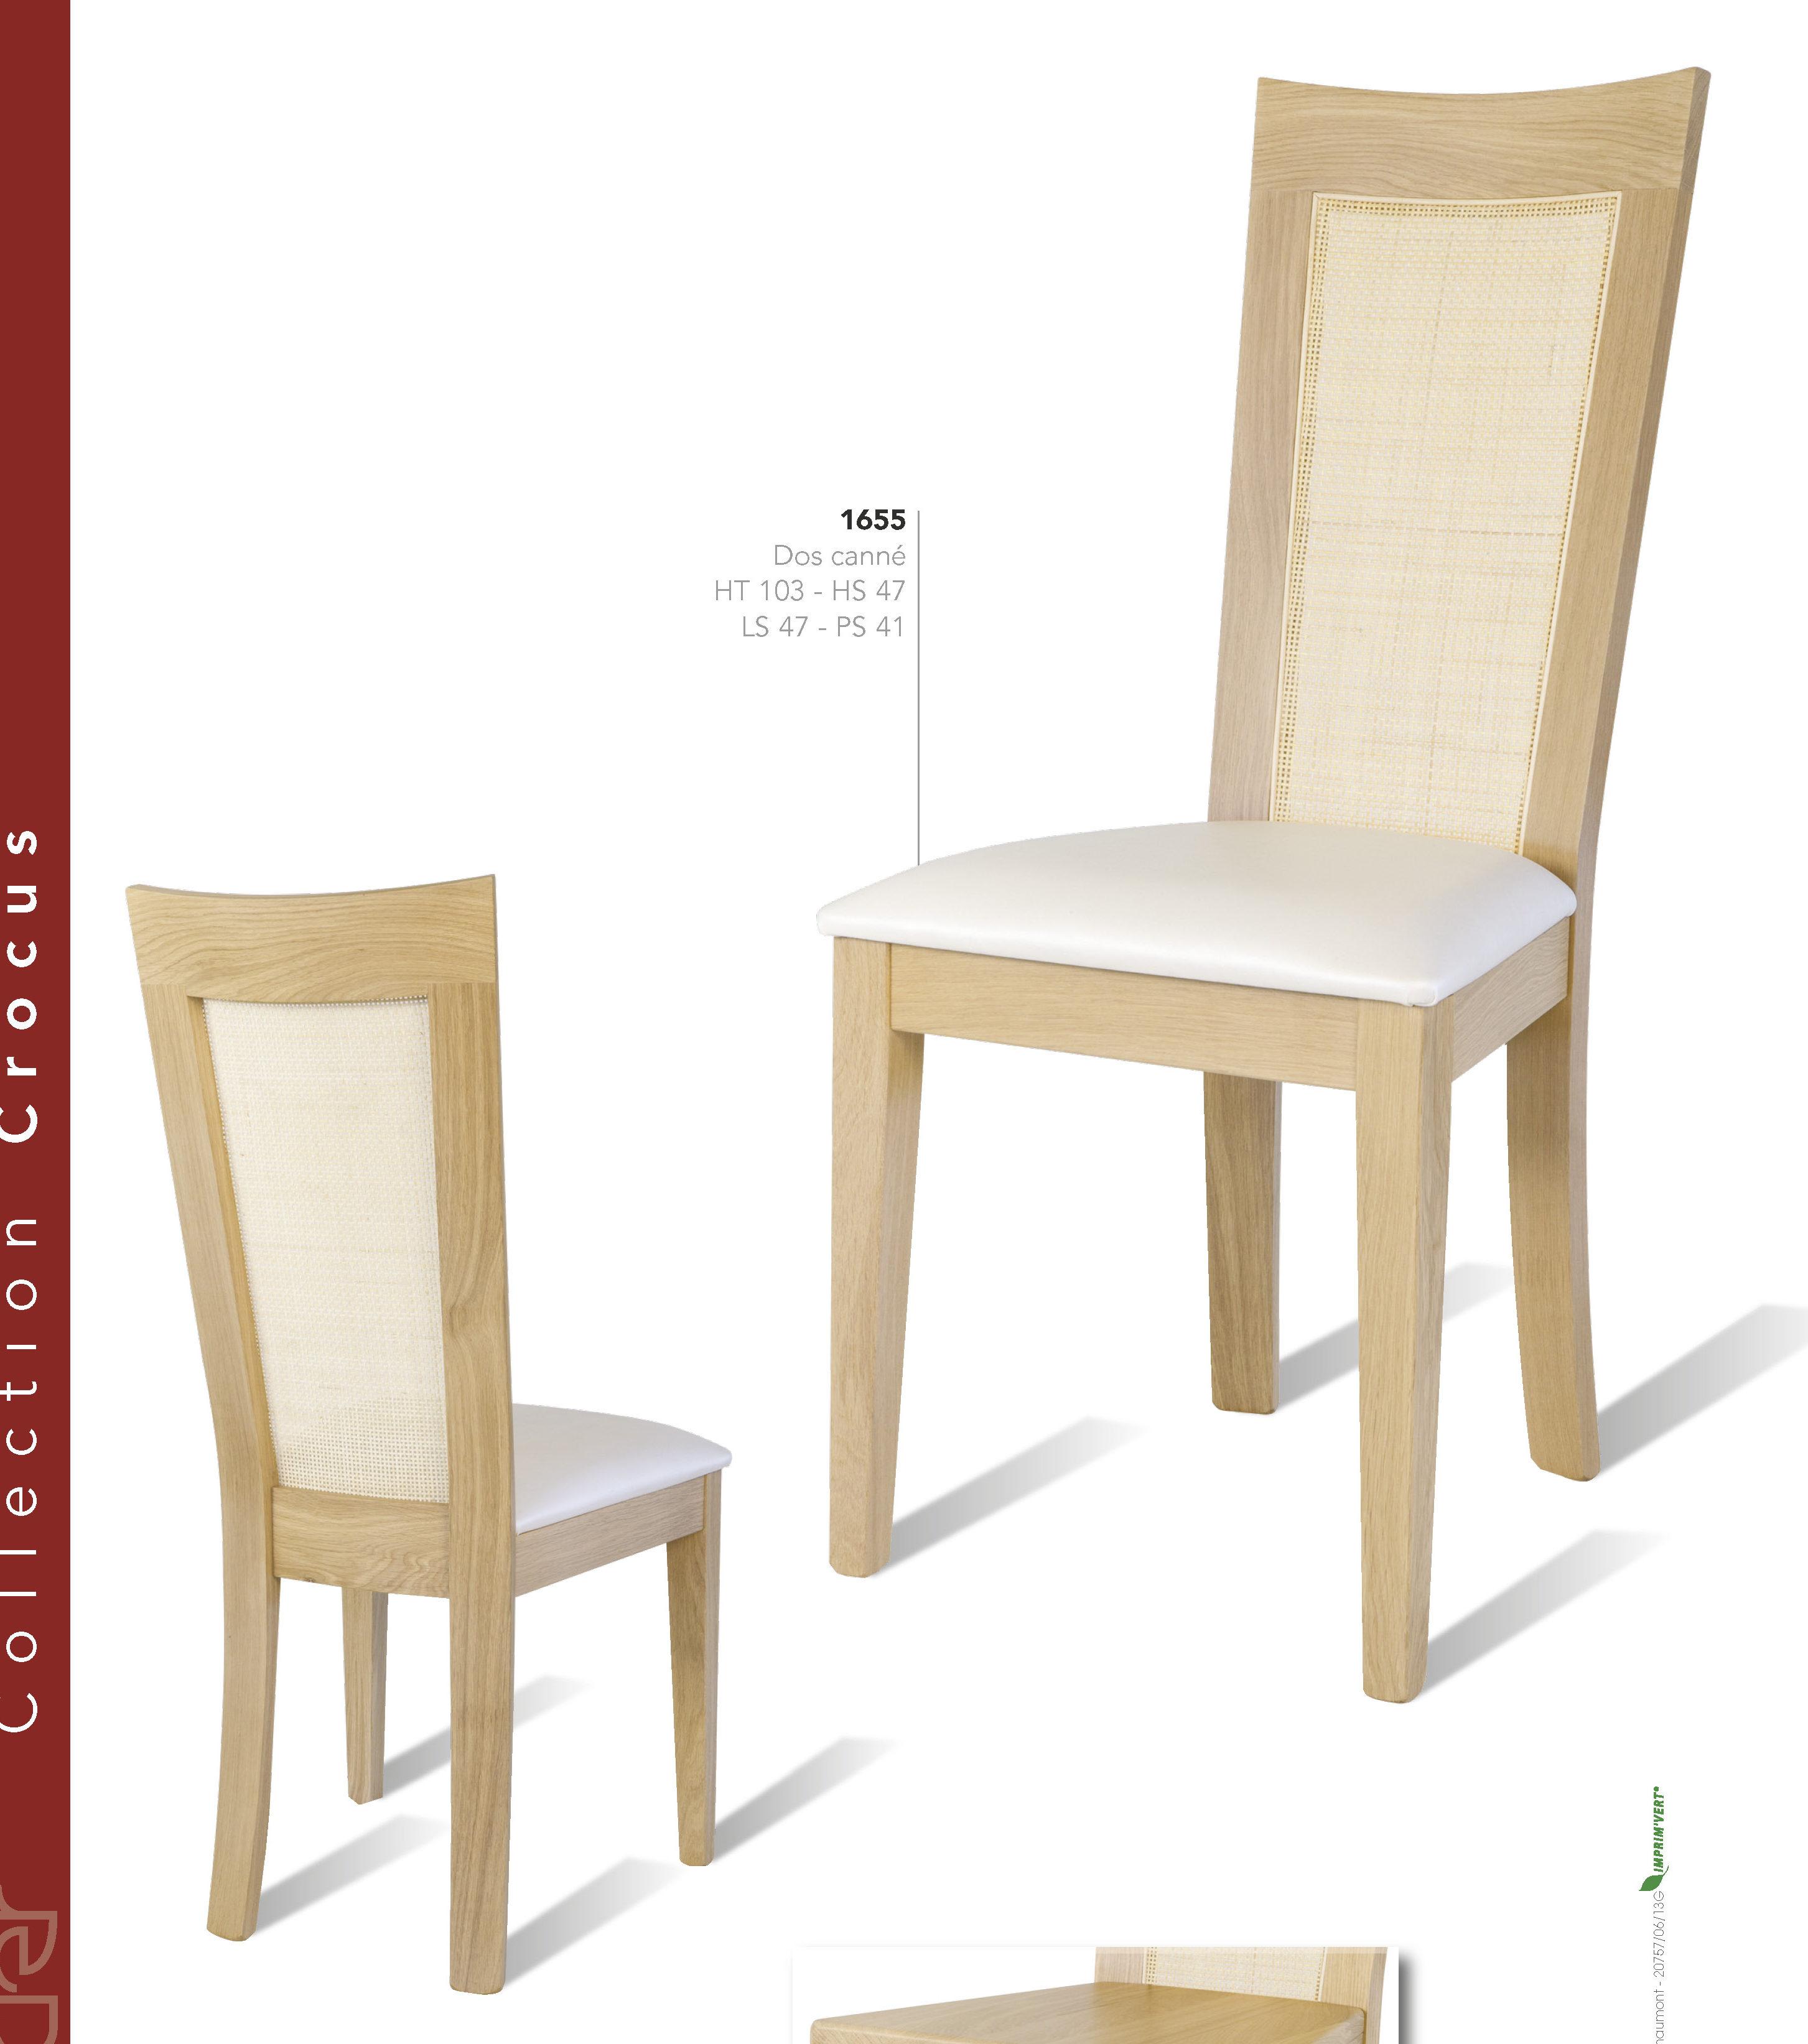 chaise crocus 1655 bois deco beauvois cambresis meuble. Black Bedroom Furniture Sets. Home Design Ideas